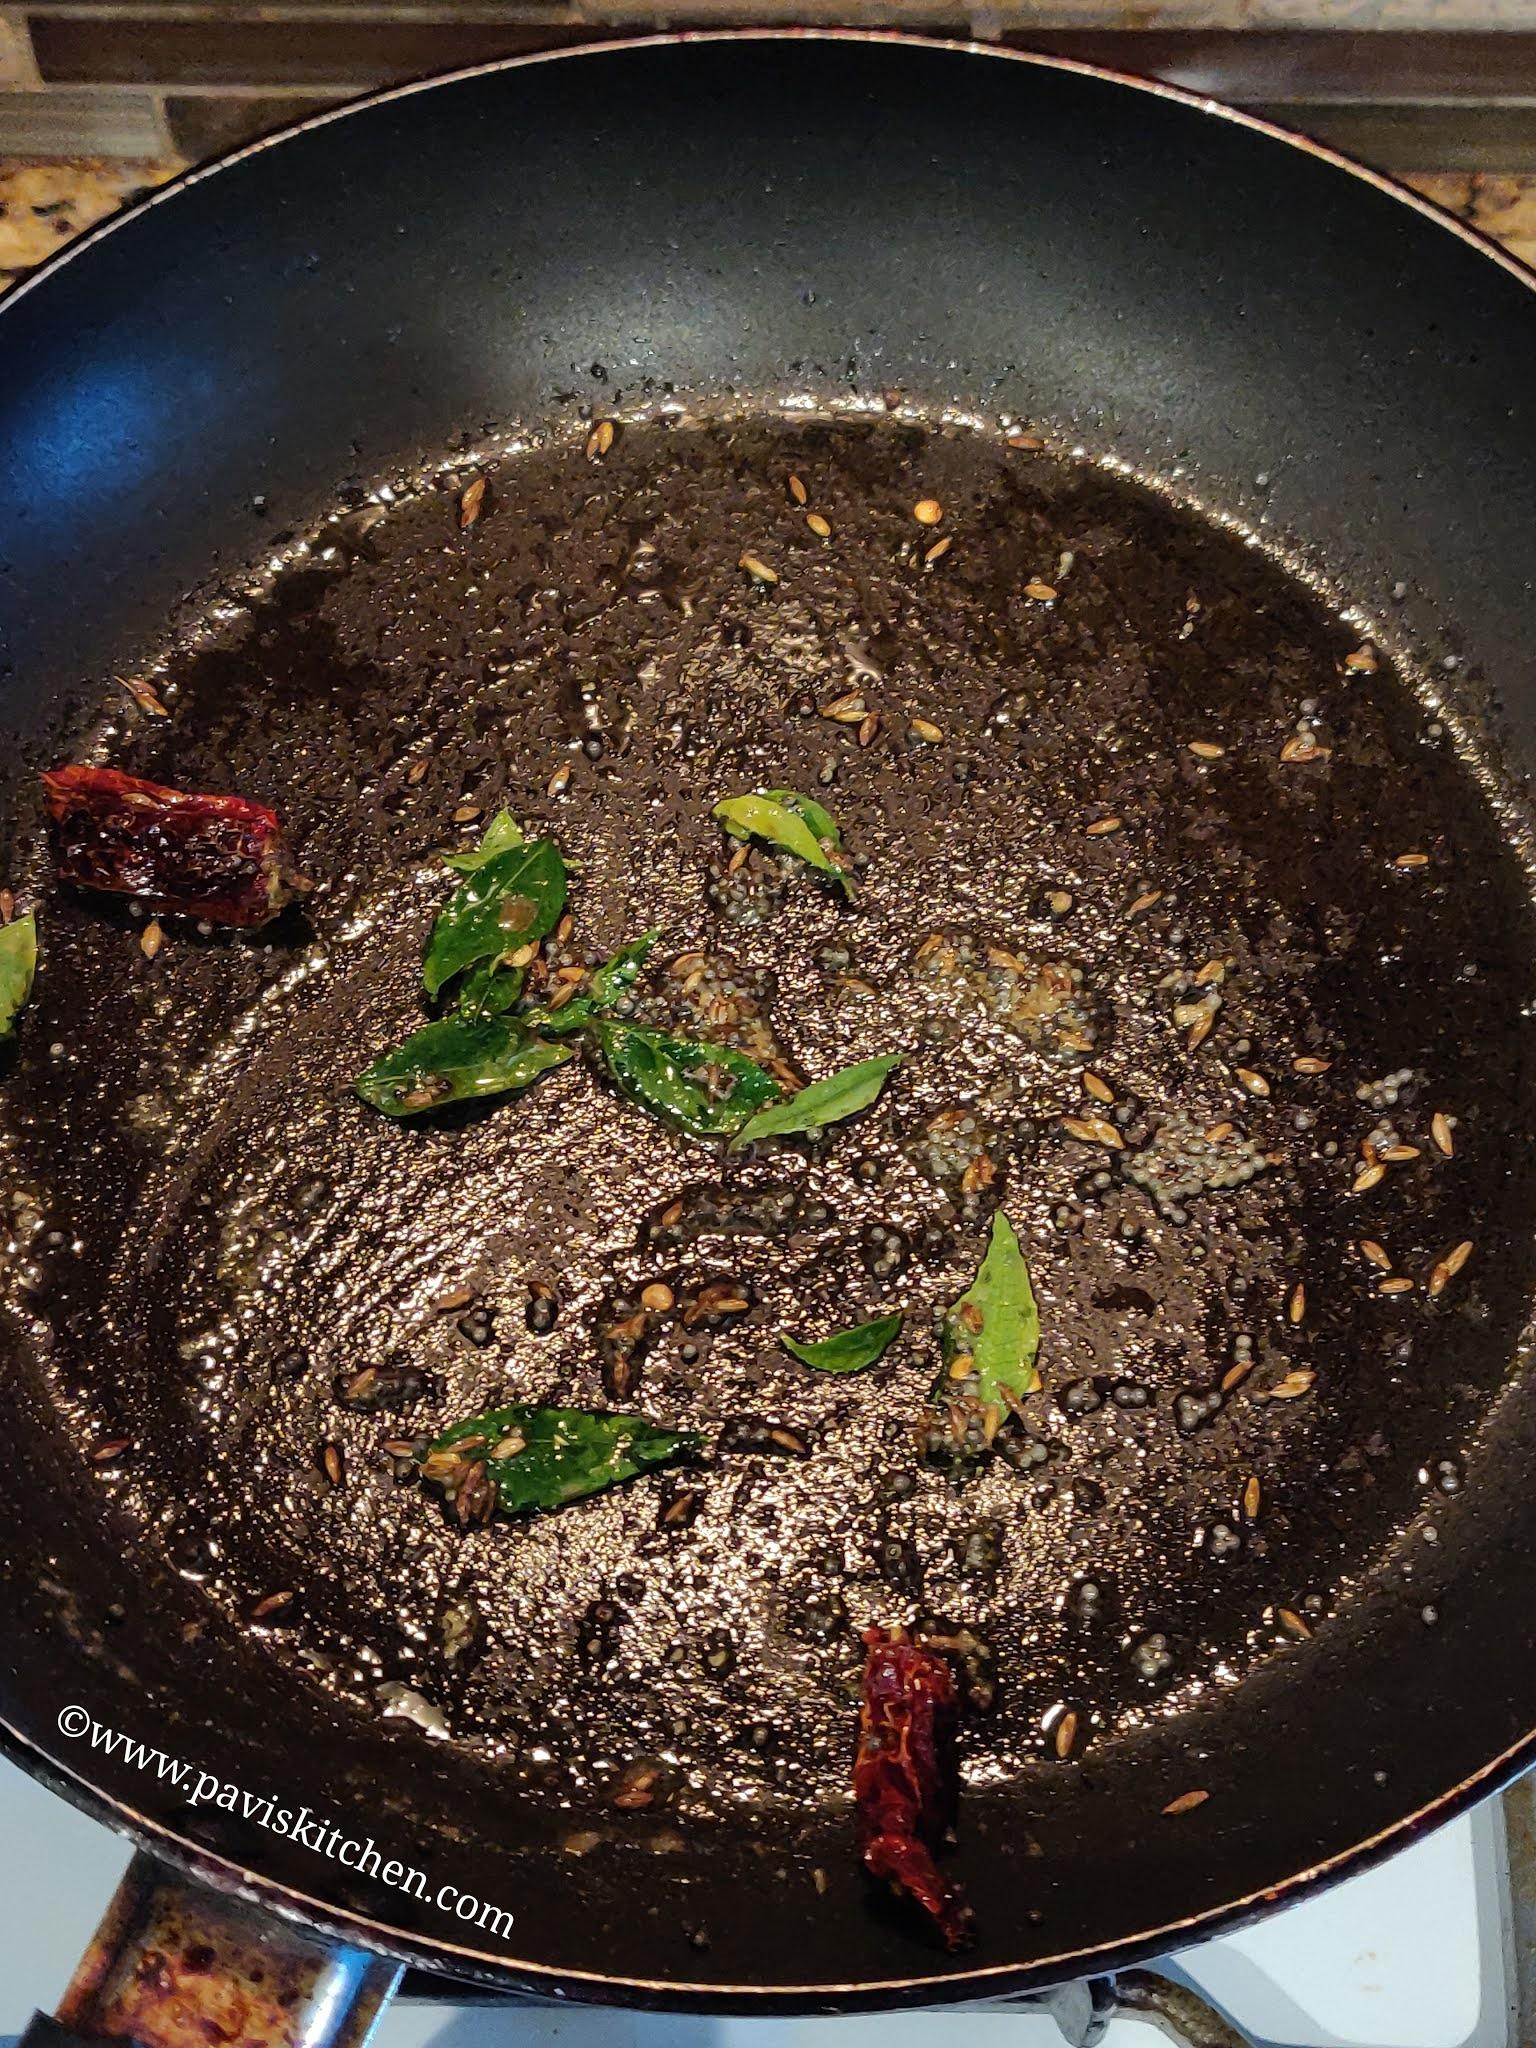 Peanut sundal recipe   Verkadalai sundal recipe   boiled groundnut sundal   Nilakadalai sundal recipe